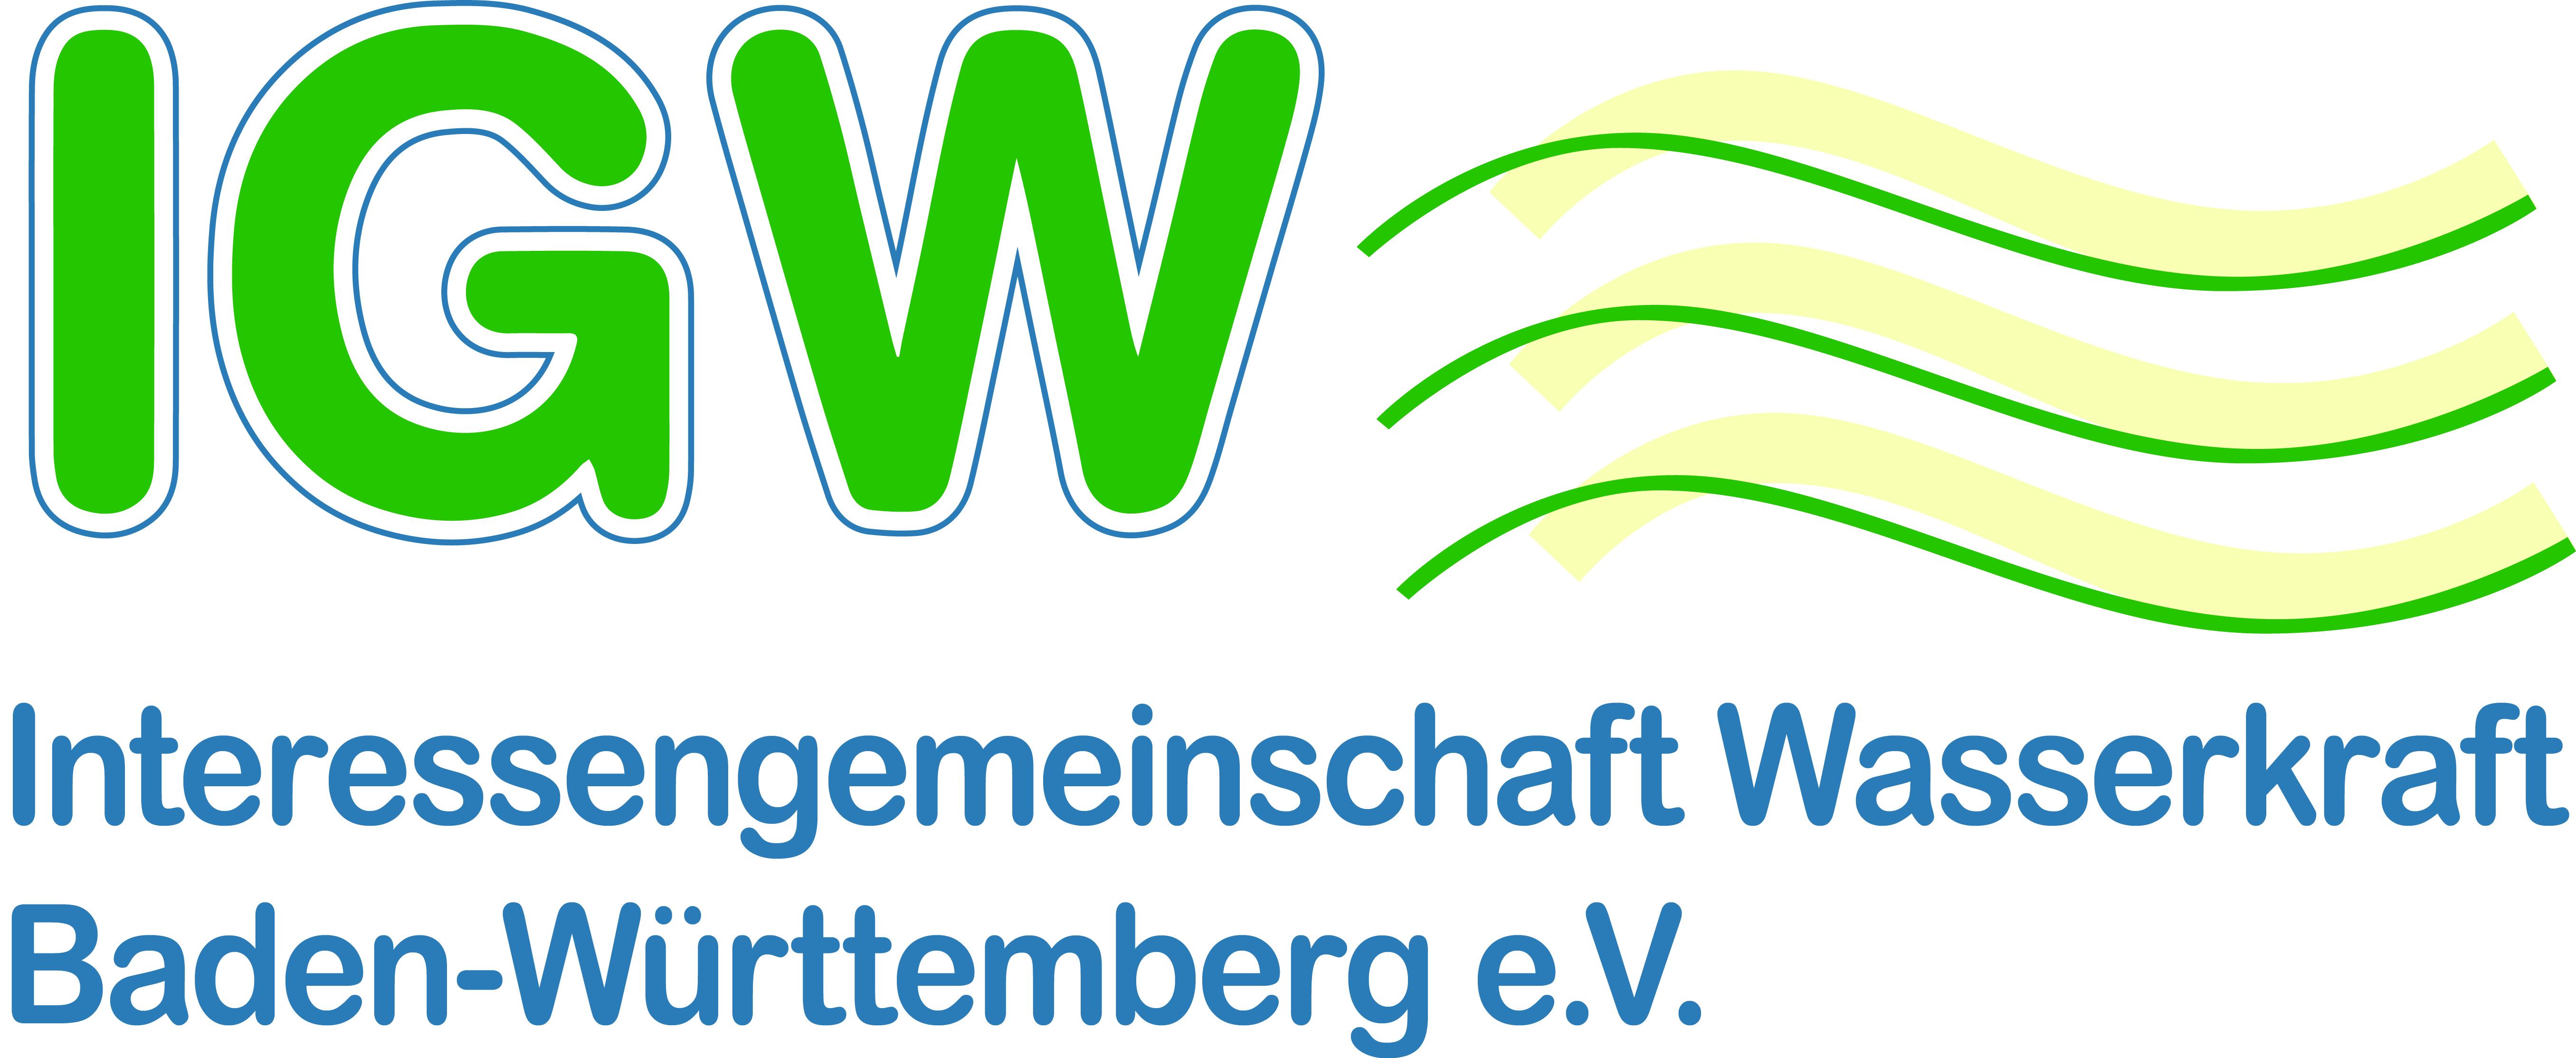 IGW Interessengemeinschaft Wasserkraft Baden-Württemberg e.V.